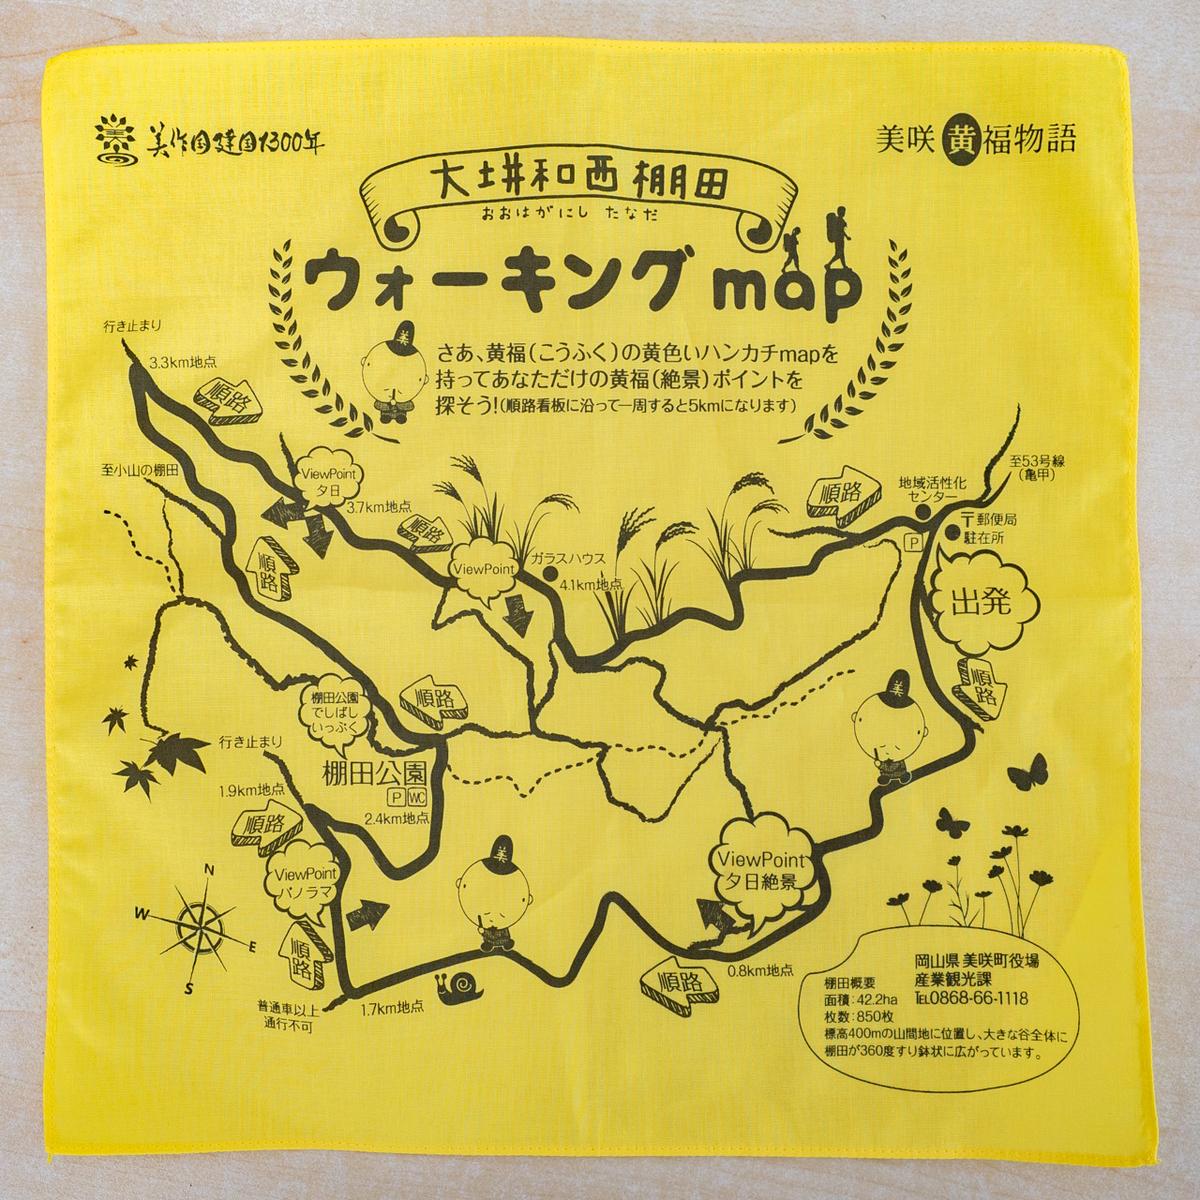 「黄福の黄色いハンカチ」を使った観光マップ